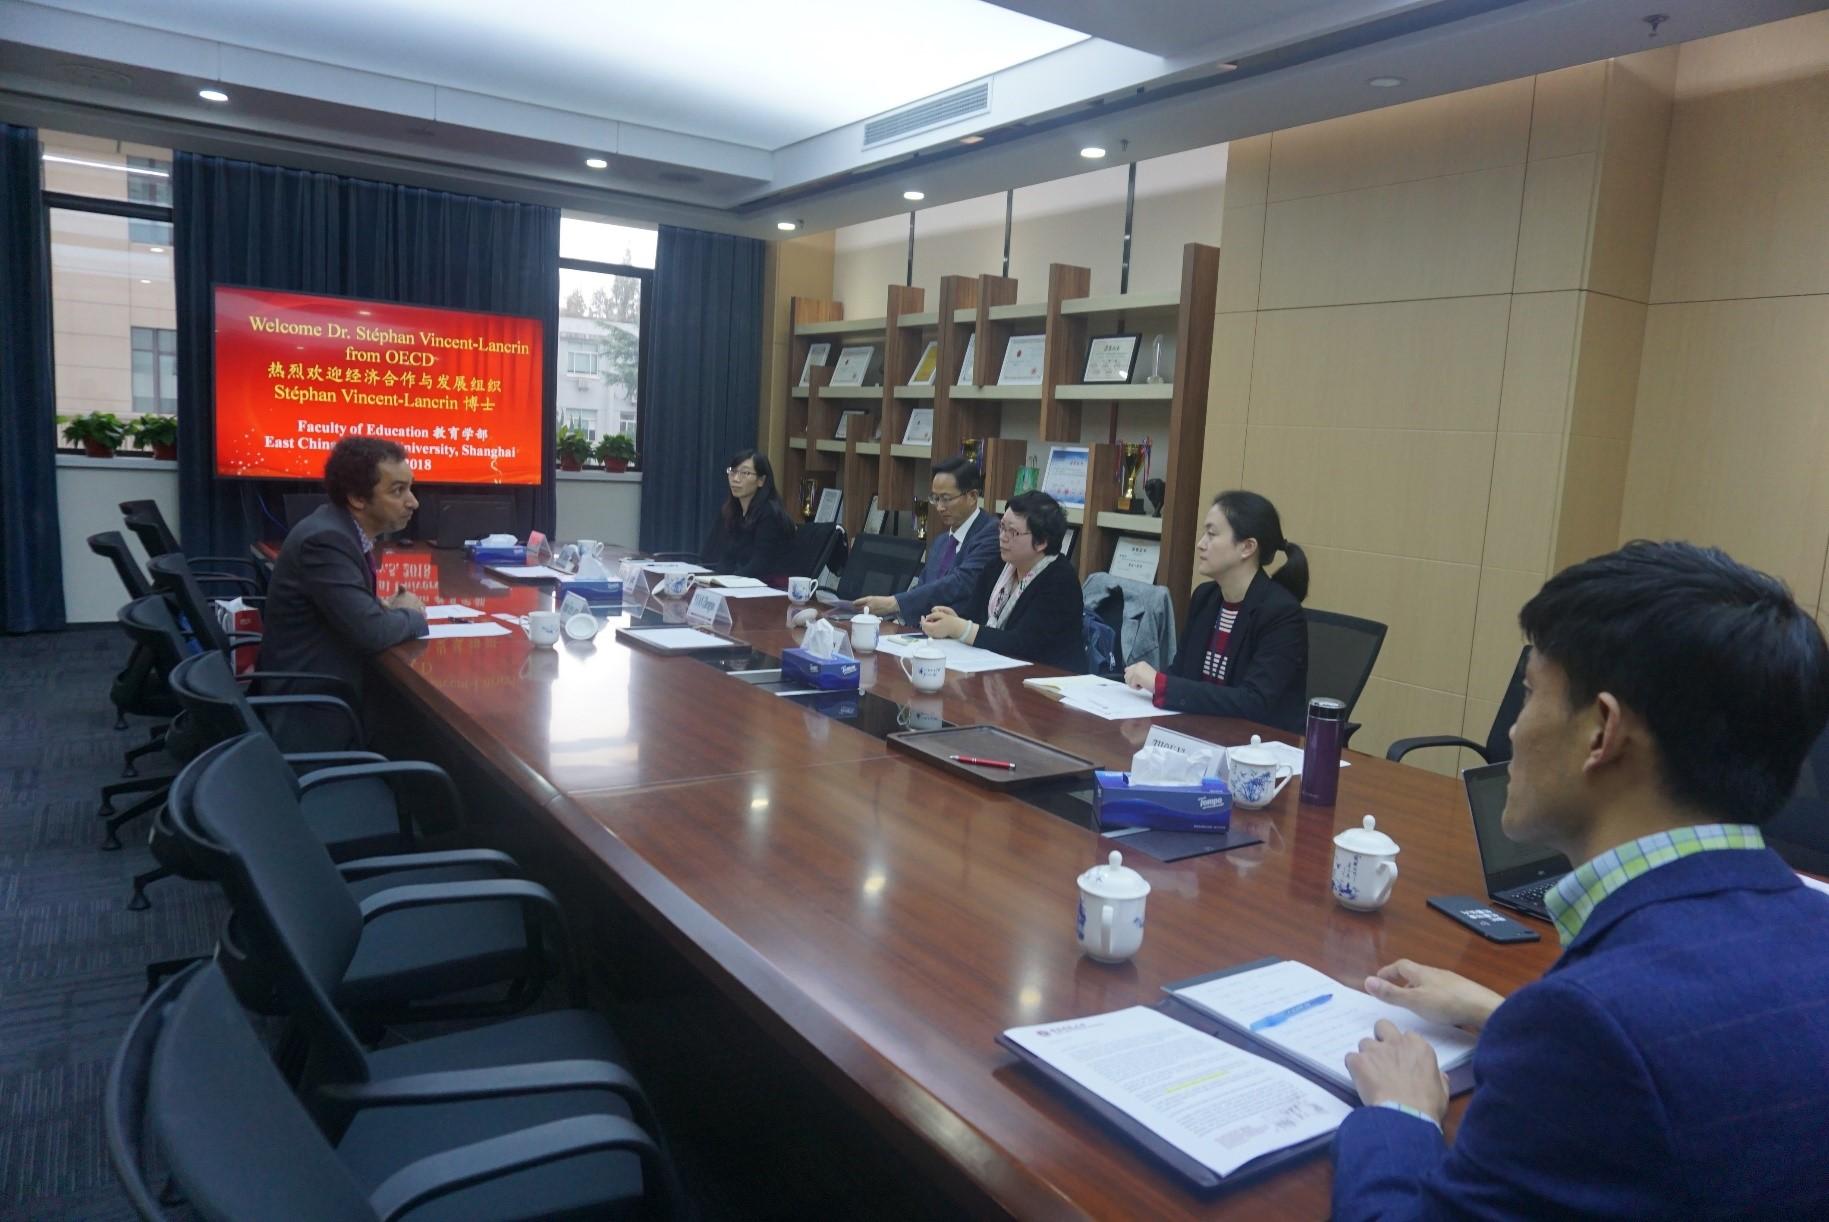 经济合作与发展组织(OECD)教育与技能部项目主管访问教育学部